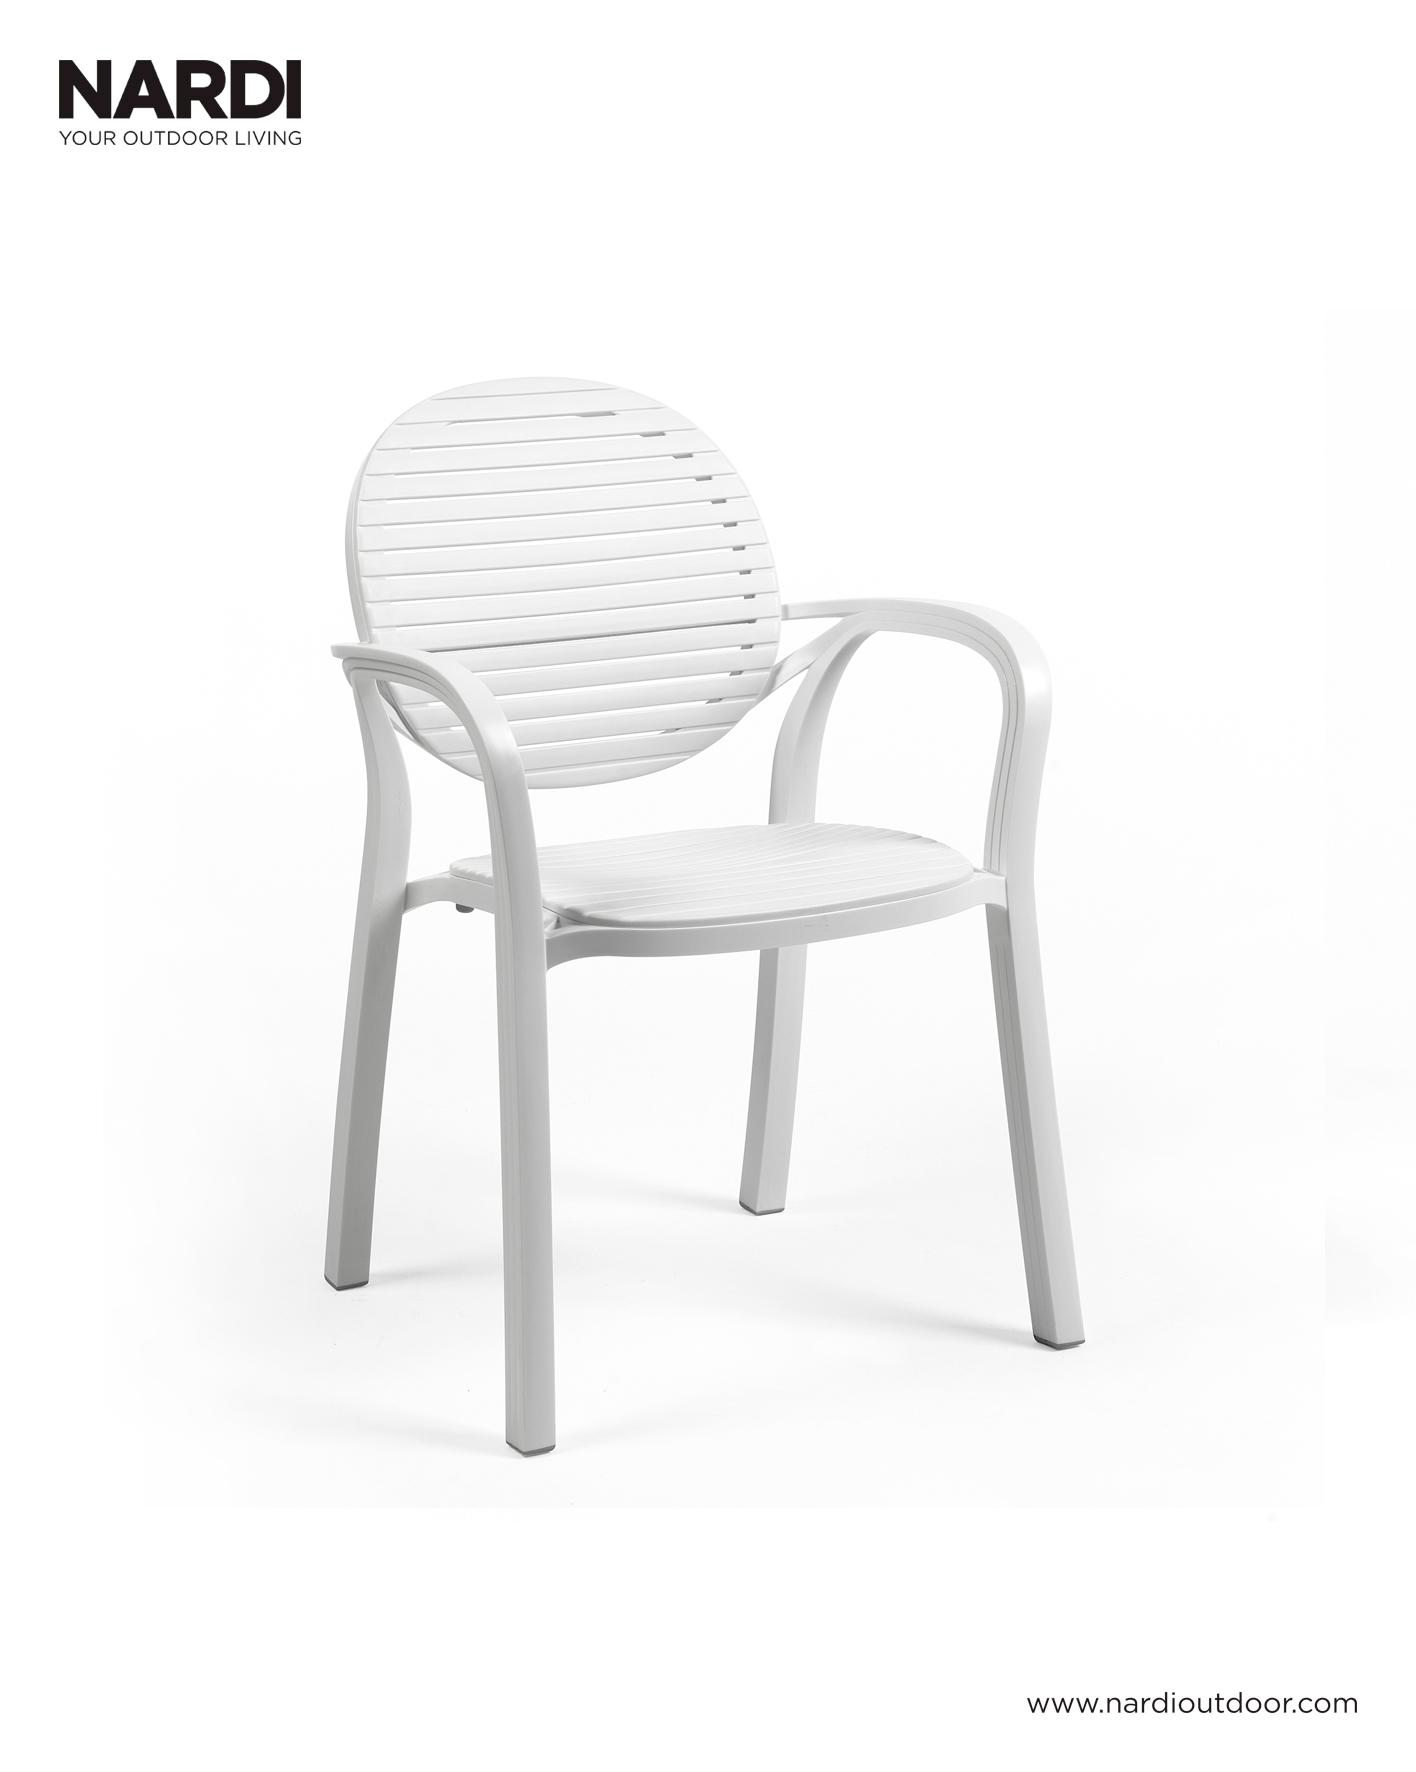 Krzesło ogrodowe GARDENIA NARDI białe